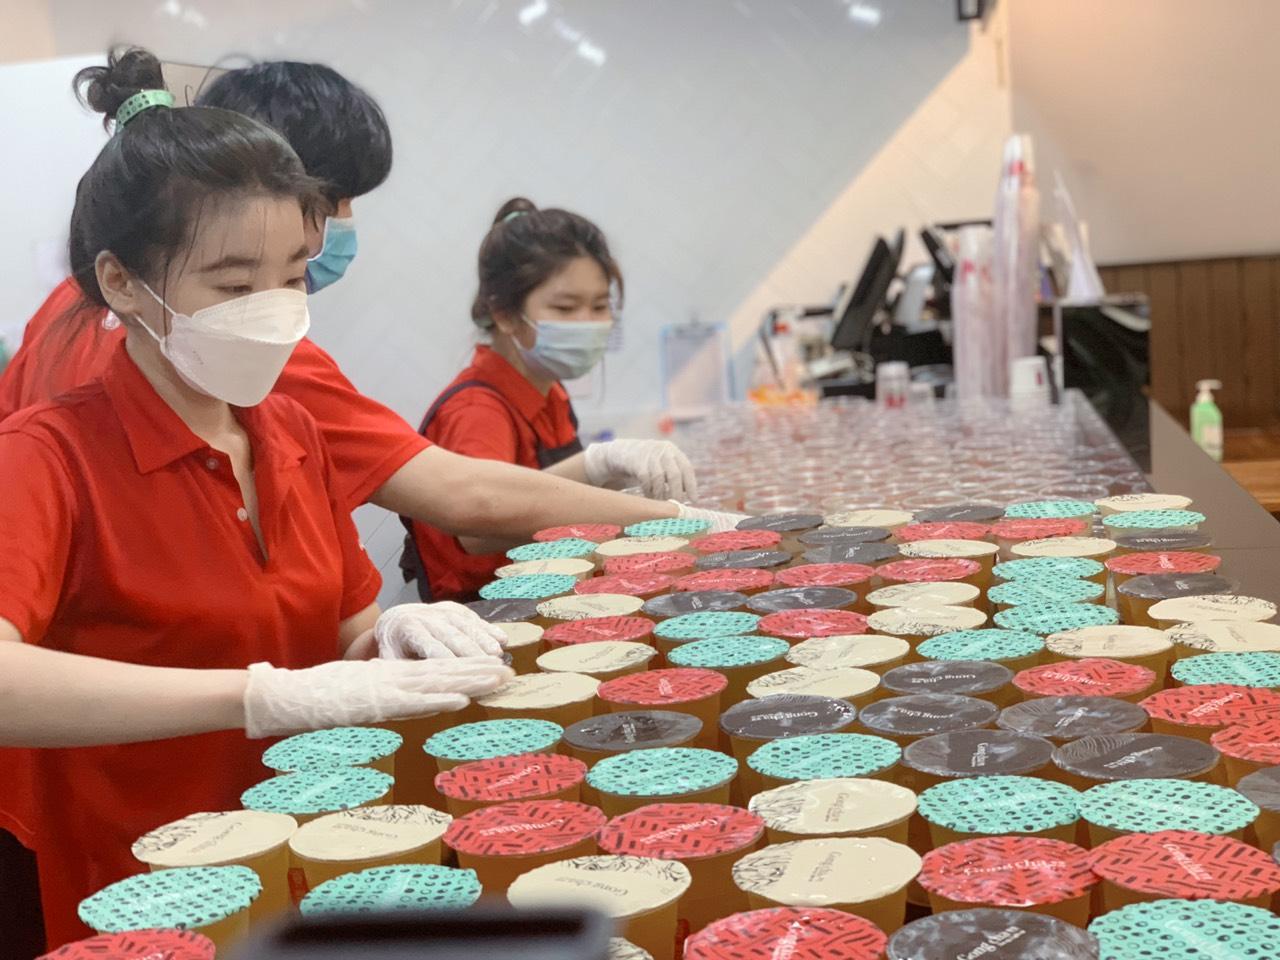 Nhân viên làm việc tại cửa hàng khi chuẩn bị trà sữa tặng lực lượng chống dịch hồi tháng 7/2021. Ảnh: Gong Cha